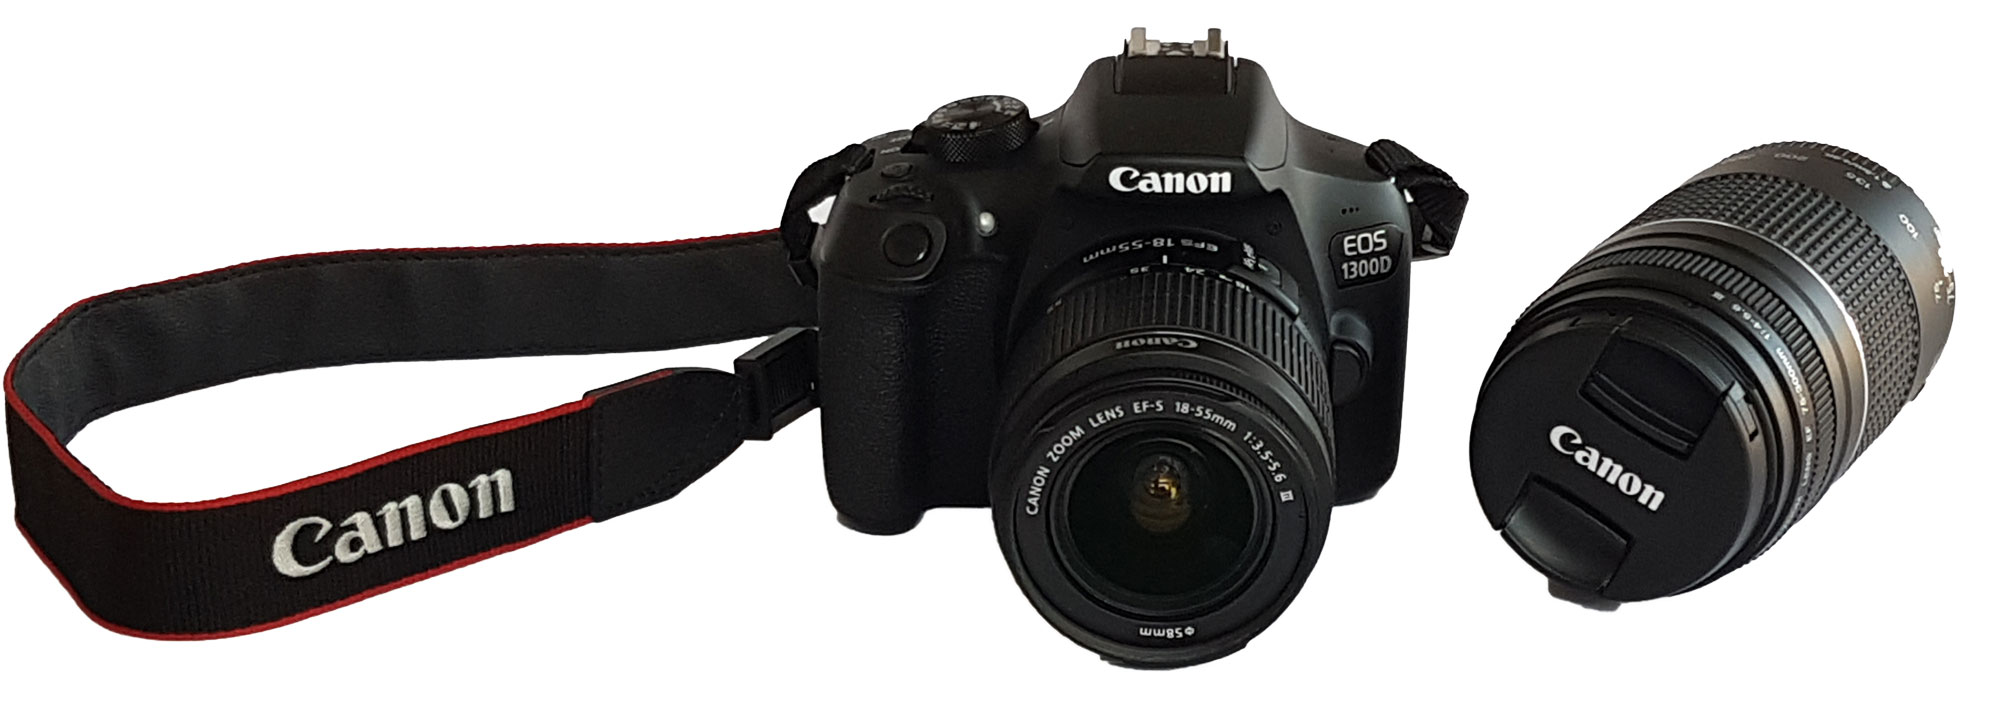 Foto Spiegelreflexkamera